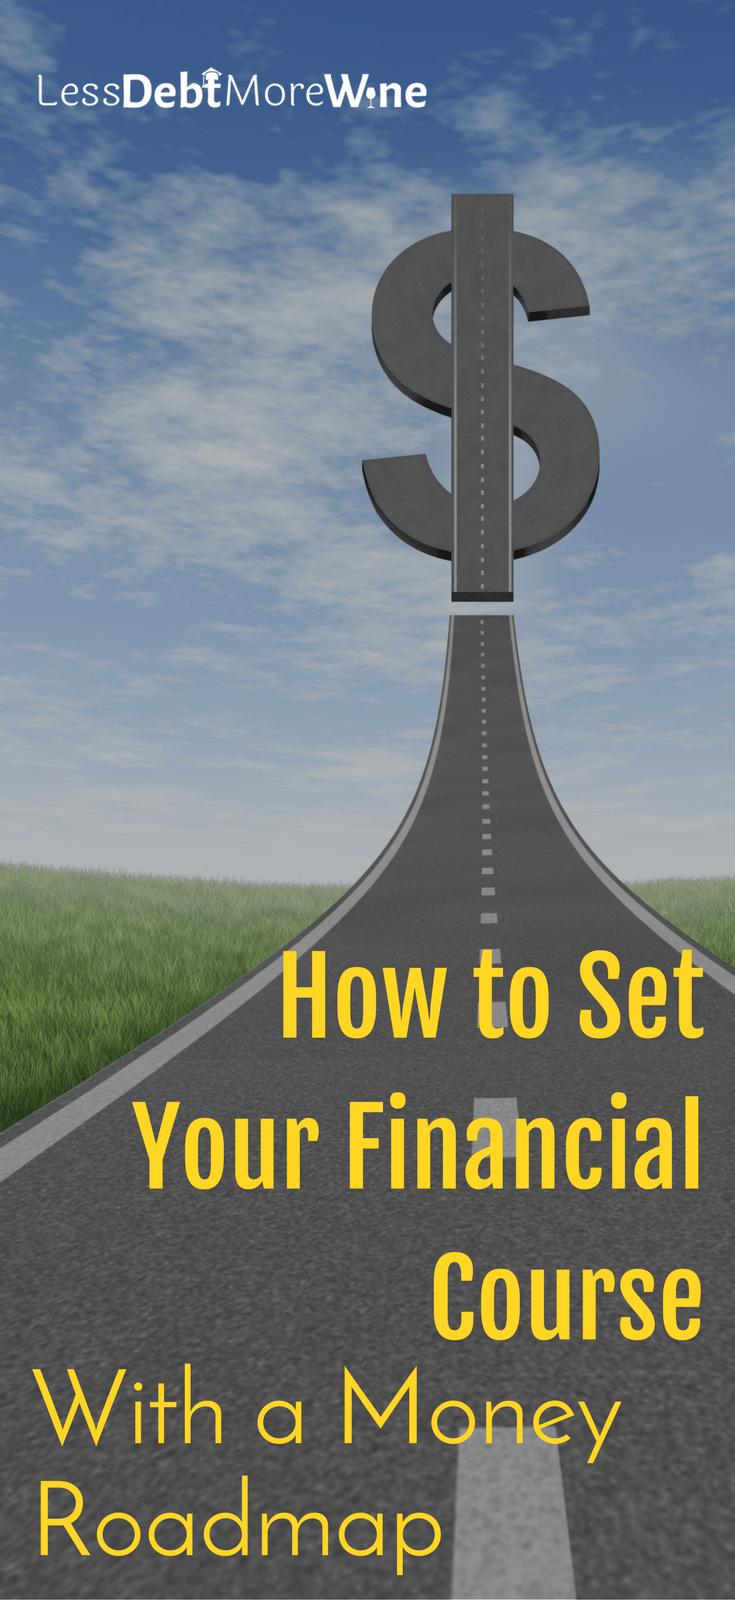 personal finance tip | money management | millennial money tips | financial goals